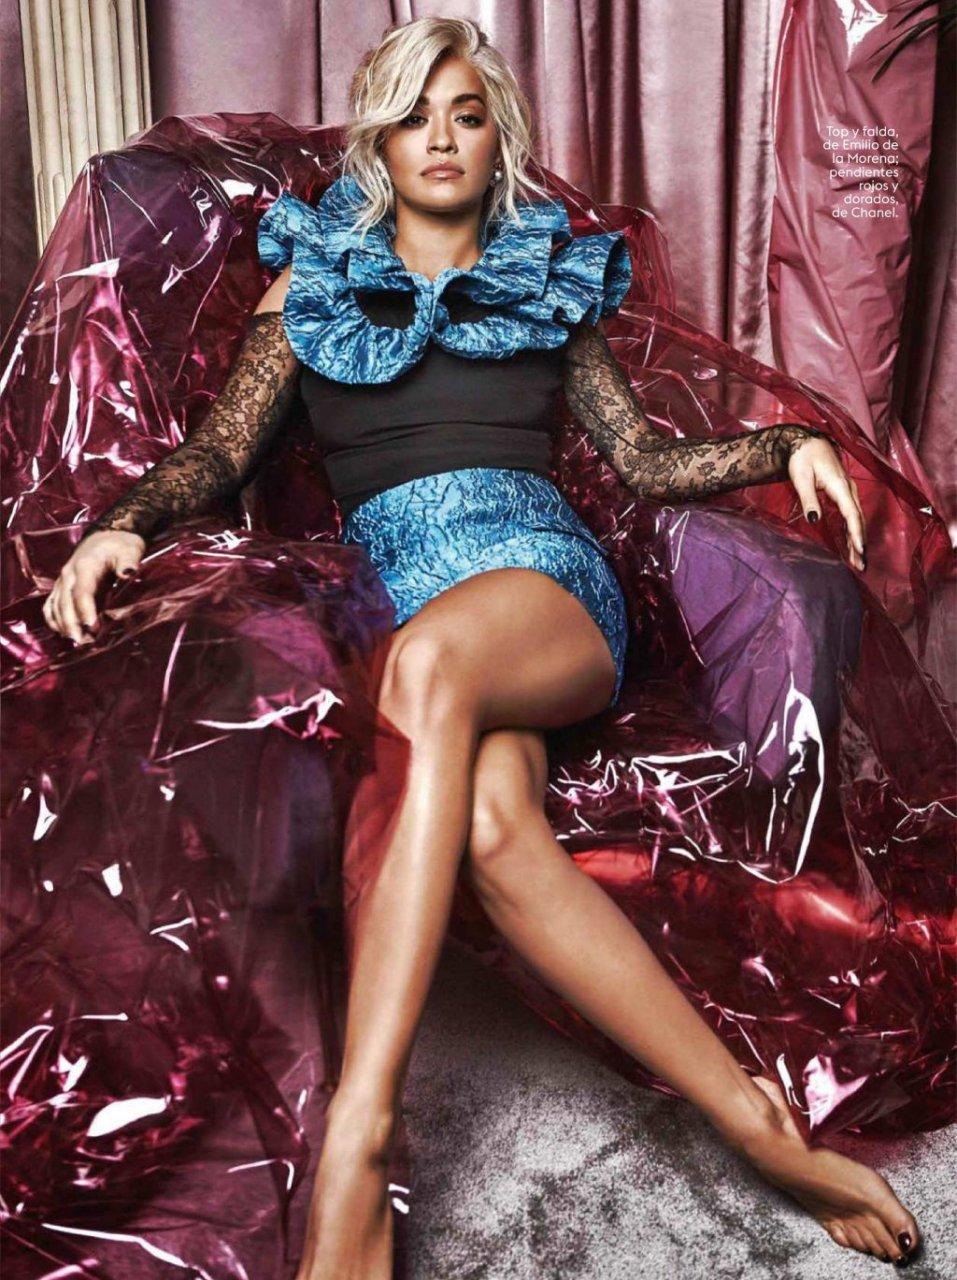 Rita Ora Sexy (8 Hot Photos)